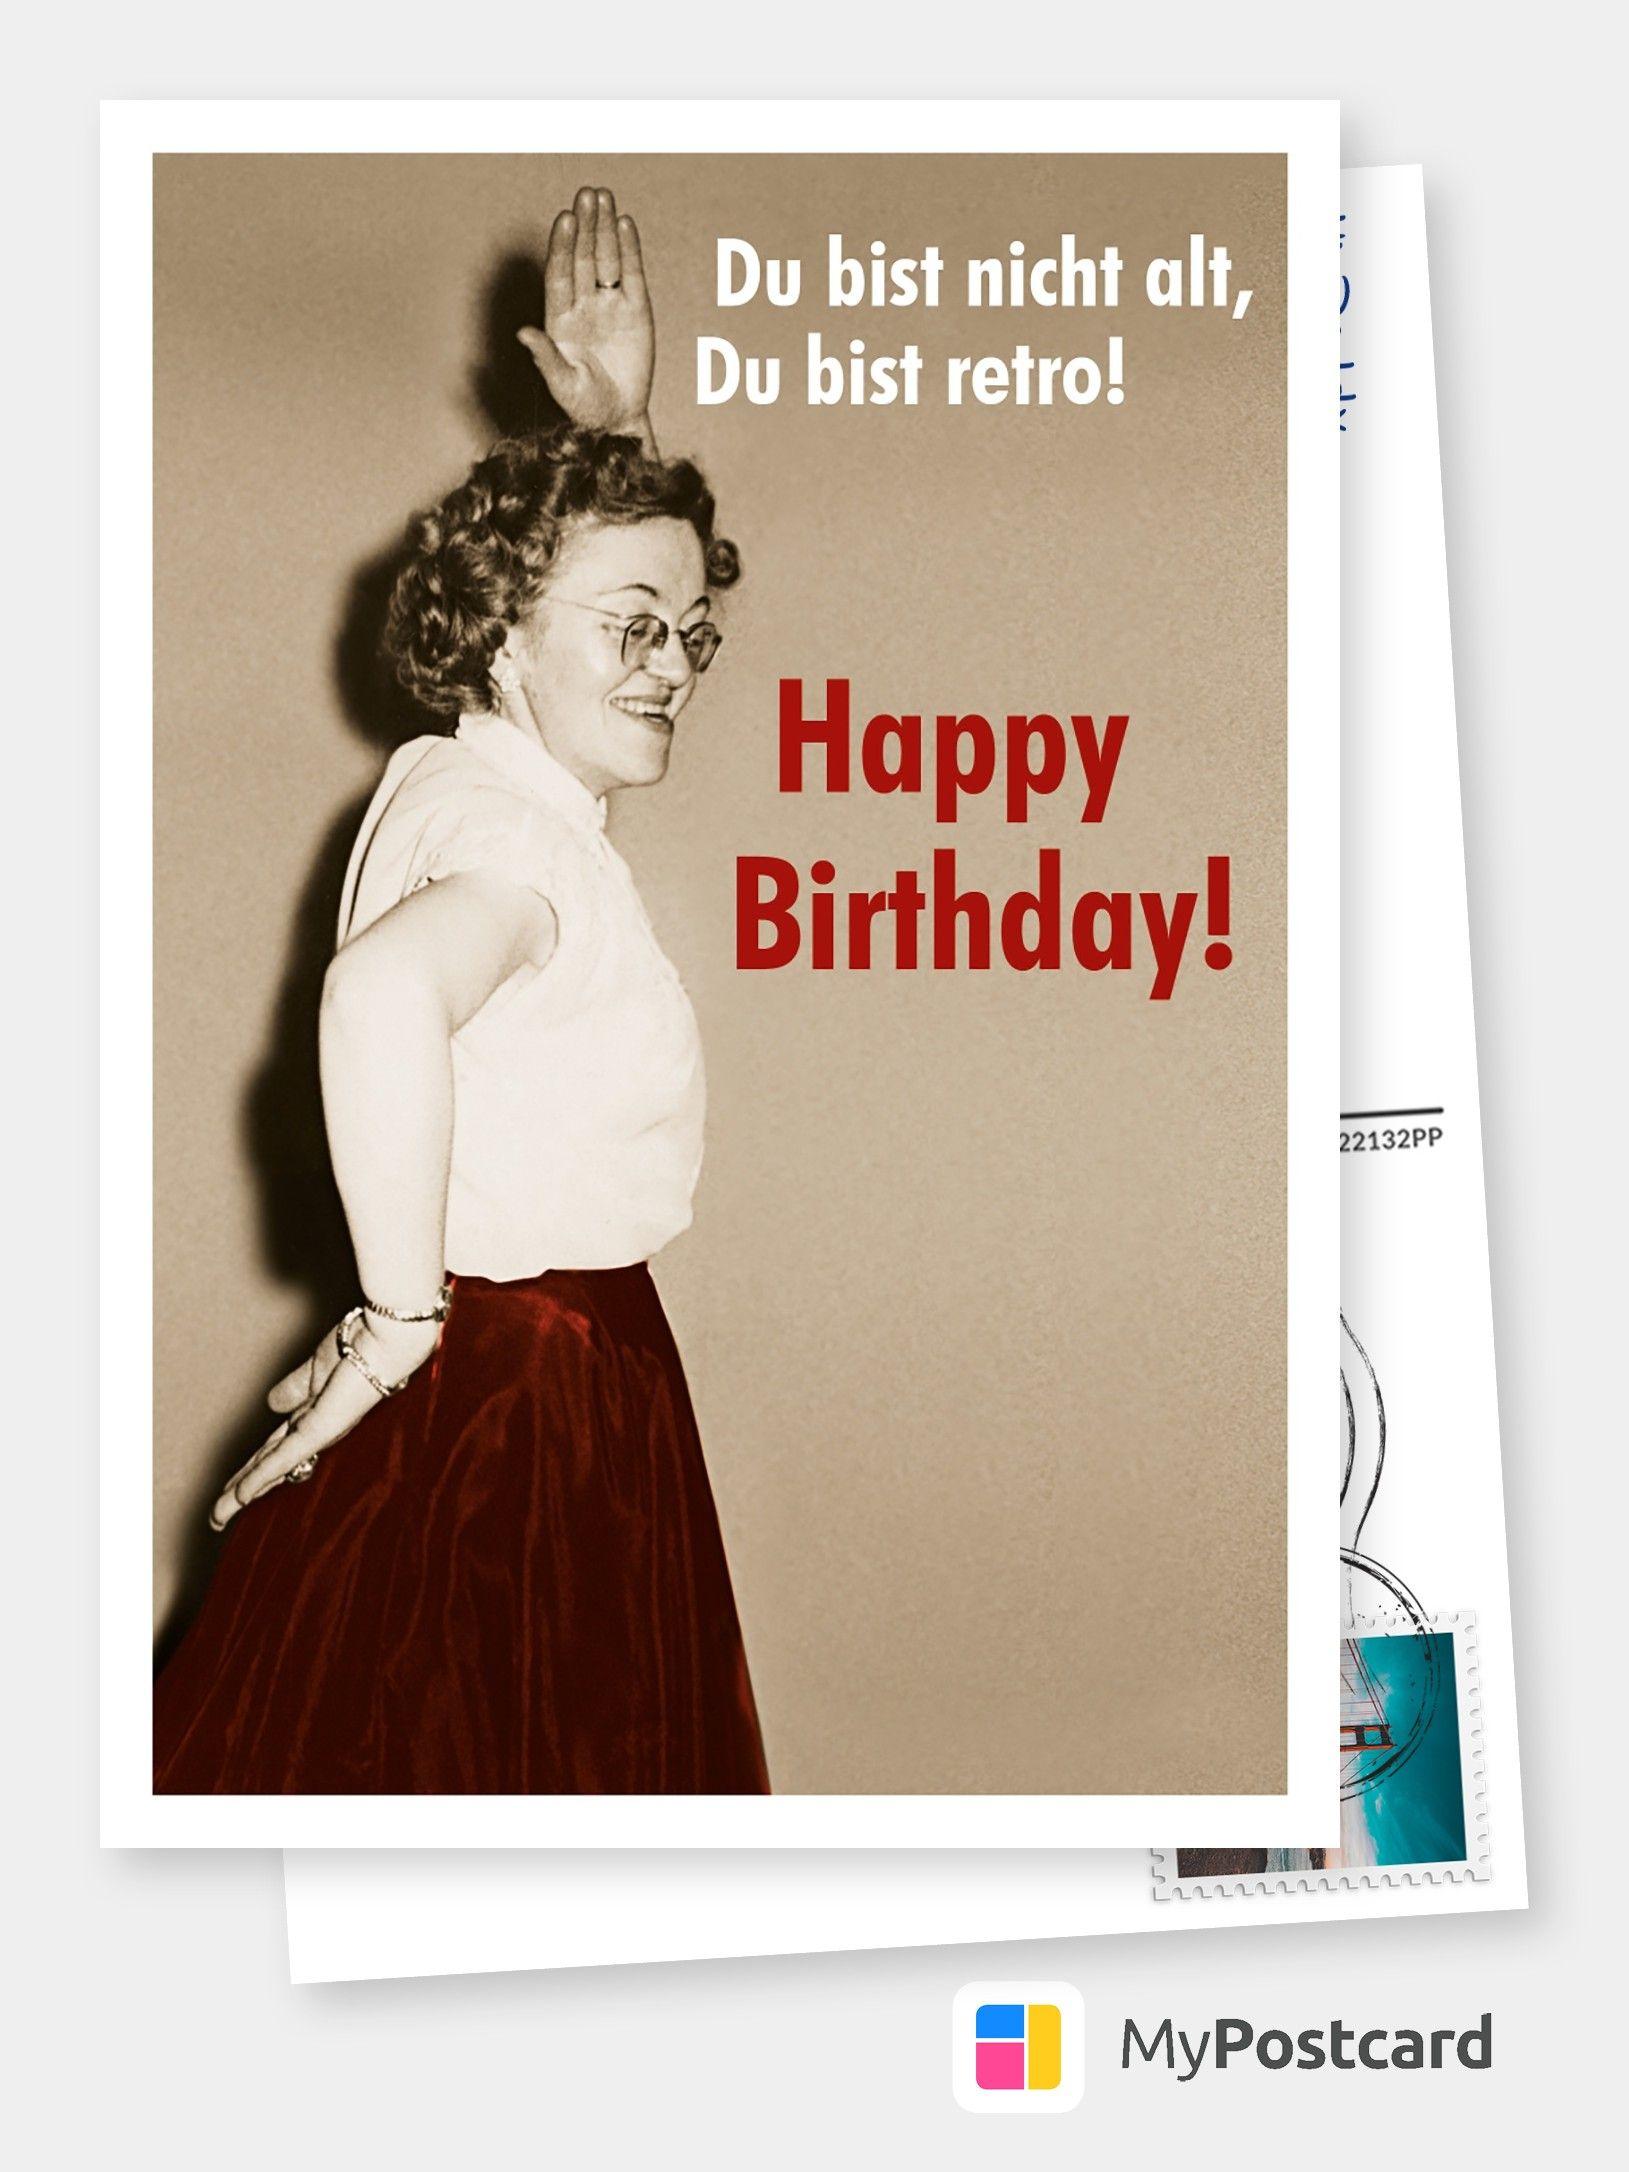 Pin Auf Geburtstagskarten Und Sprüche innen Geburtstag Bilder Lustig Für Frauen